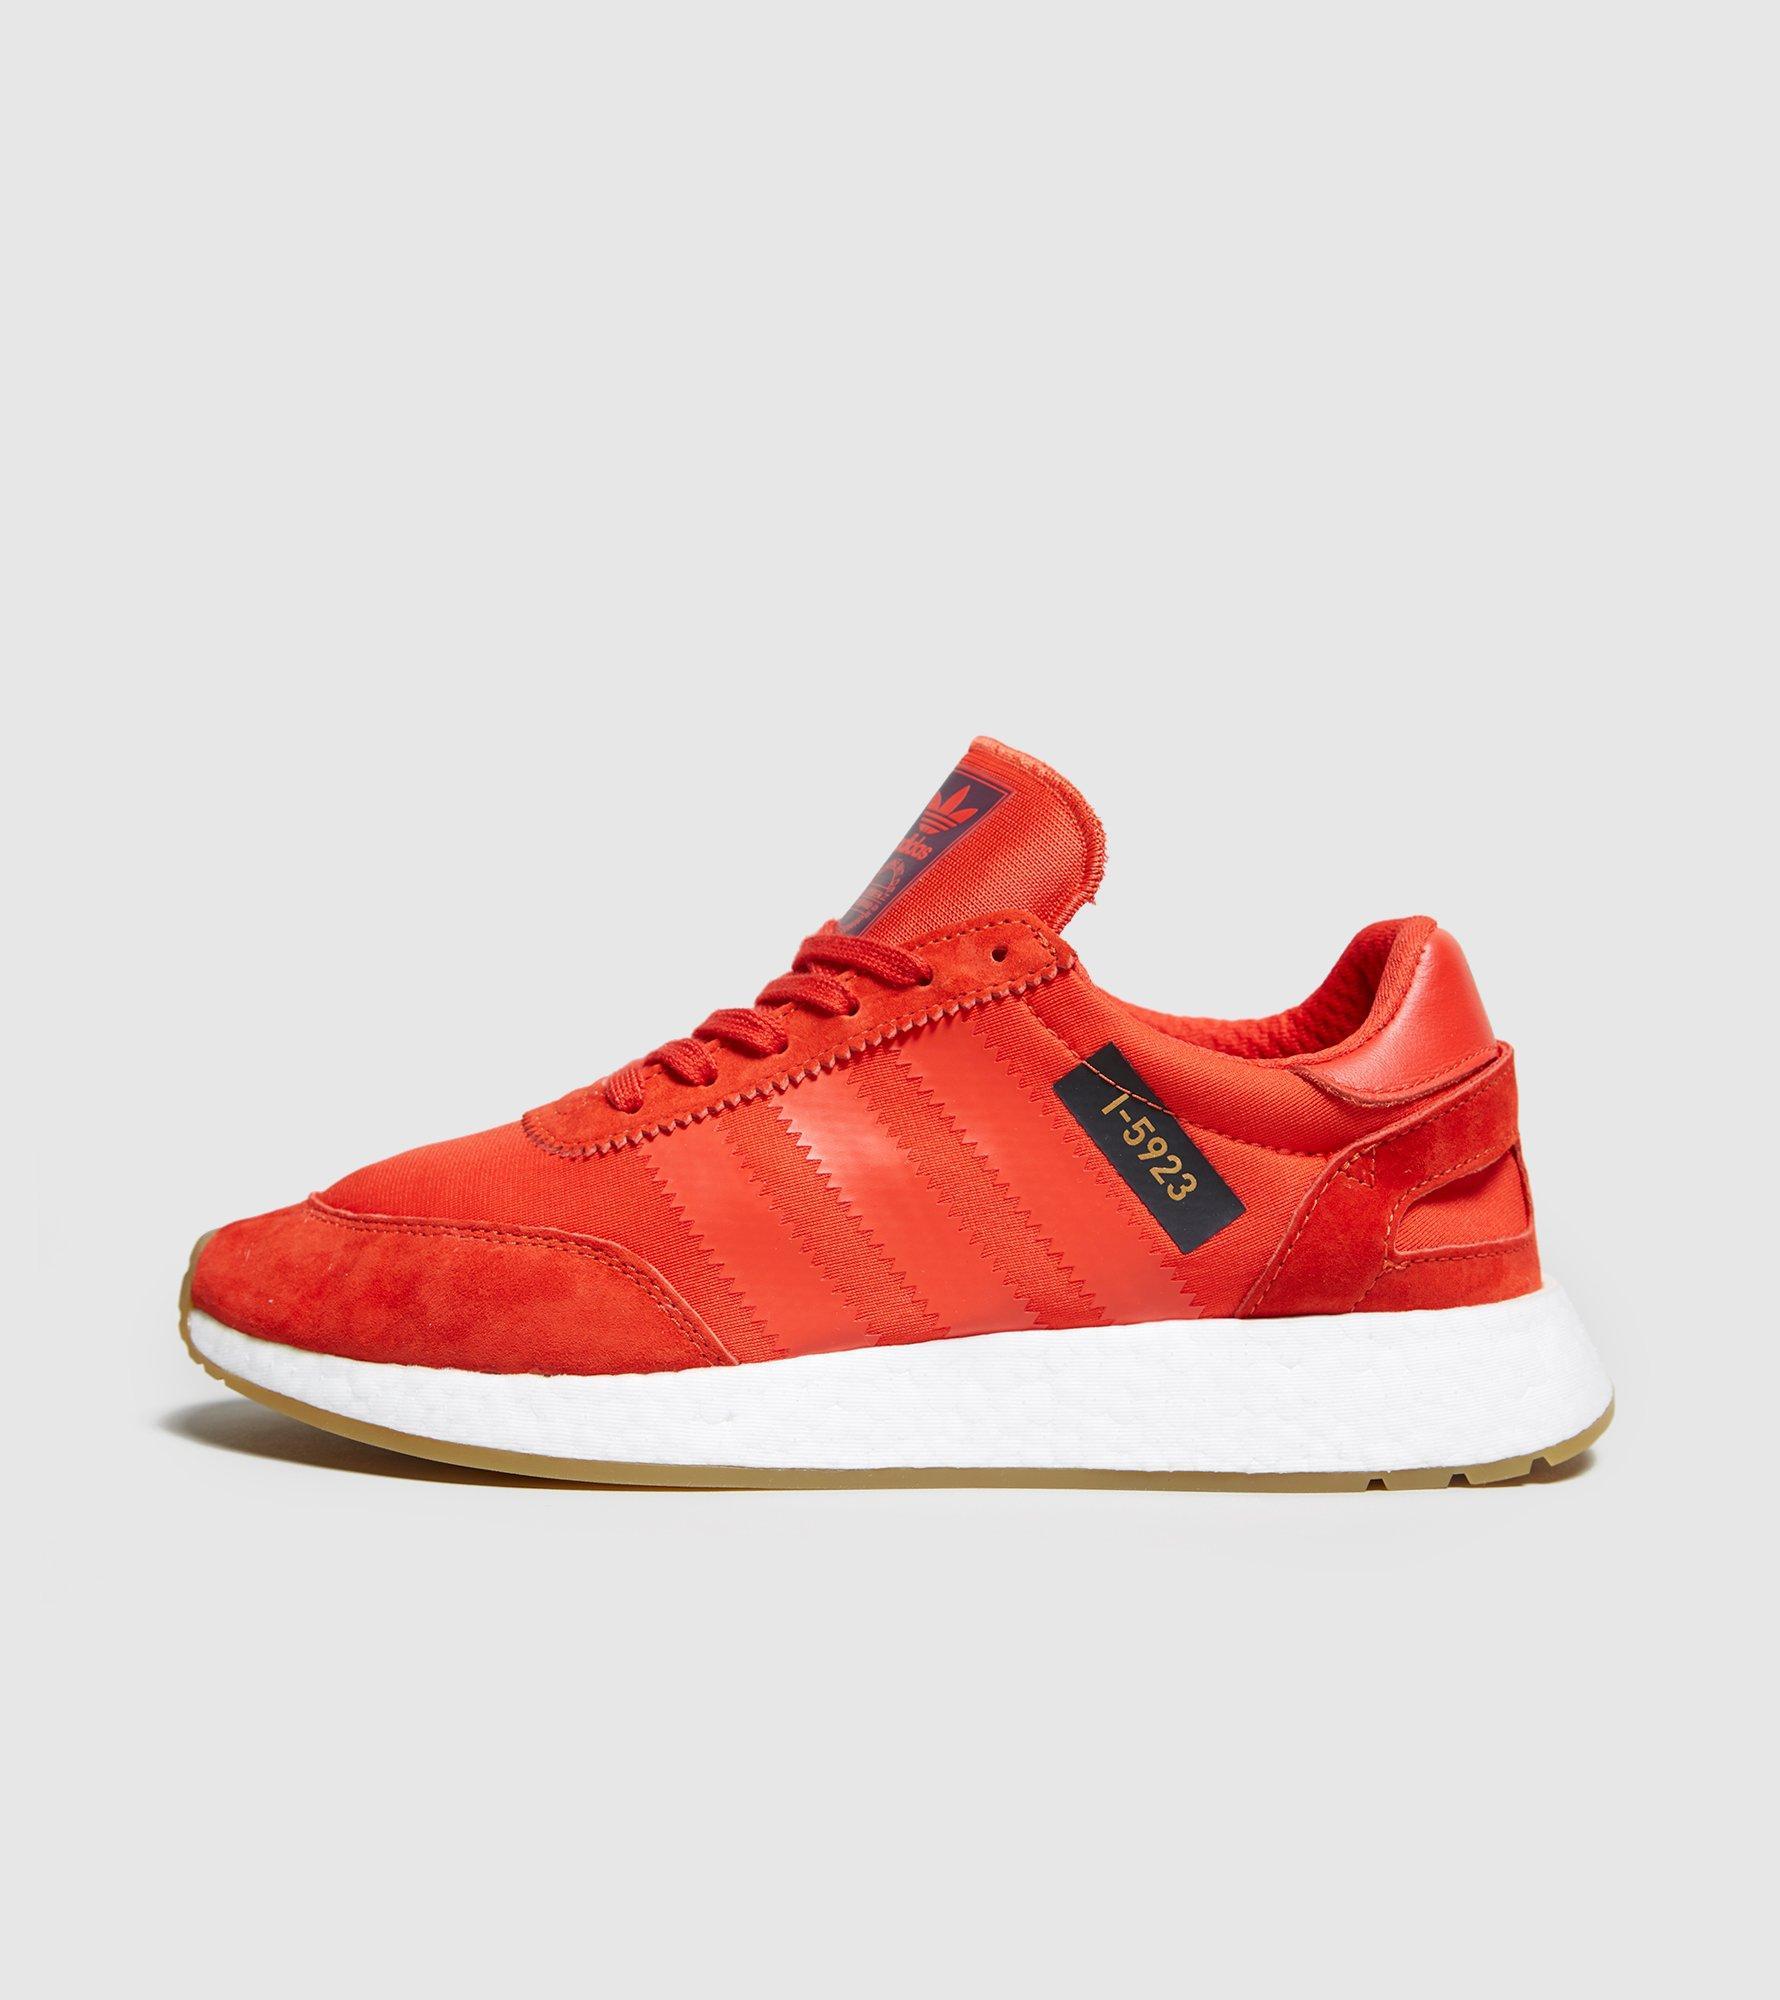 adidas gazelle womens size 4 adidas nike shoes sale uk